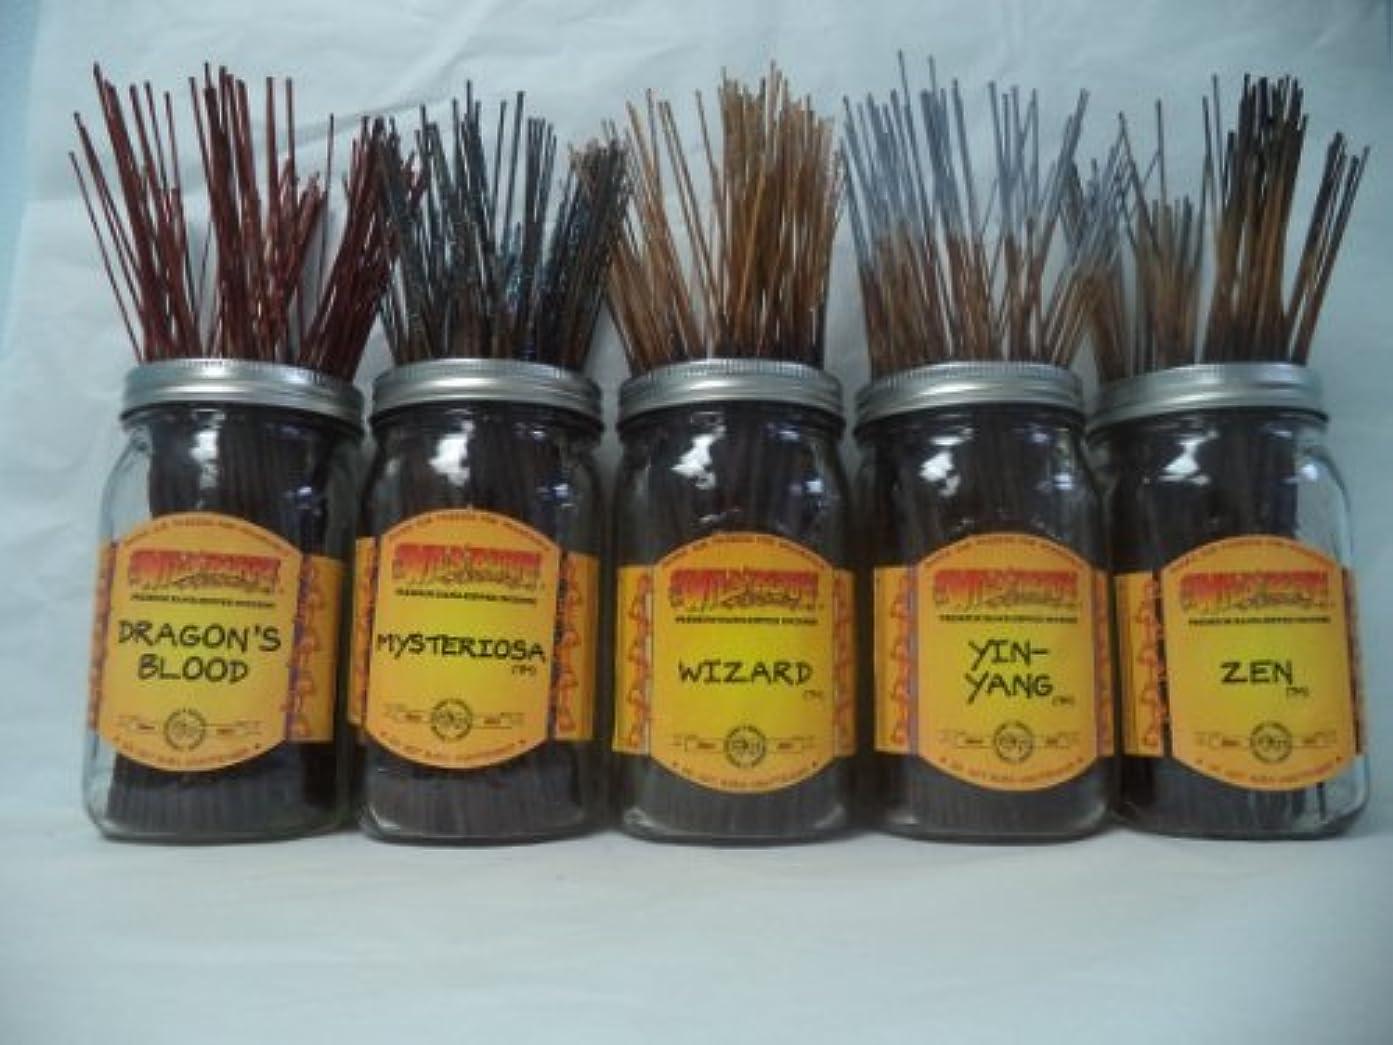 雇用者ホール卵Wildberry Incense Sticks Earthy Scentsセット# 3 : 20 Sticks各5の香り、合計100 Sticks 。